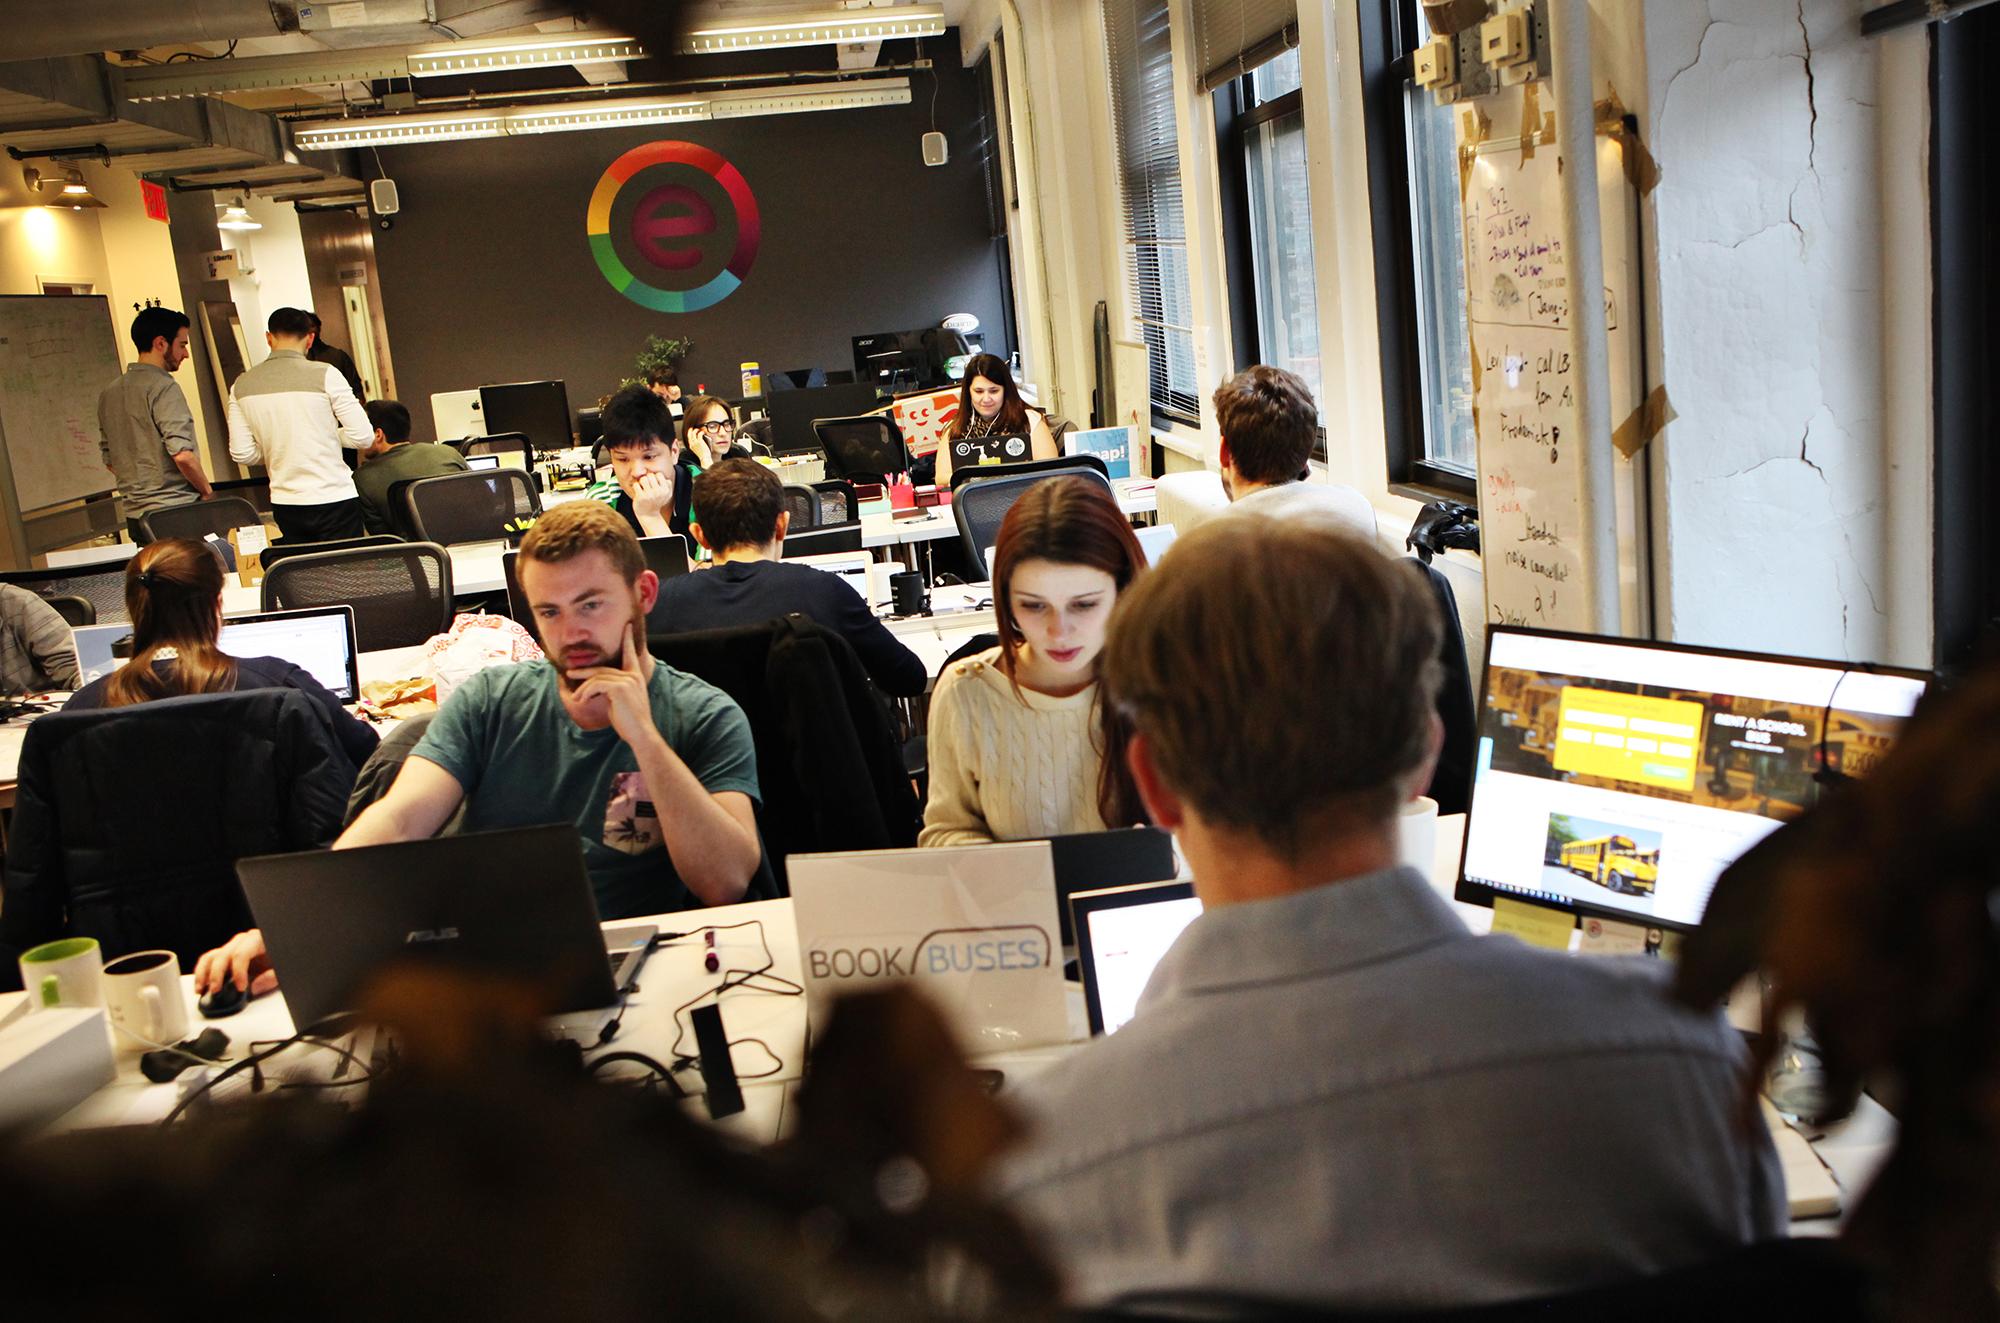 Det er flere enn én grunn til at tech startup bedrifter velger New York. Her fra kontorfellesskapet hos aksellerator ERA. I sommer skal også norske bedrifter jobbe herfra gjennom et samarbeide med Innovasjon Norge.